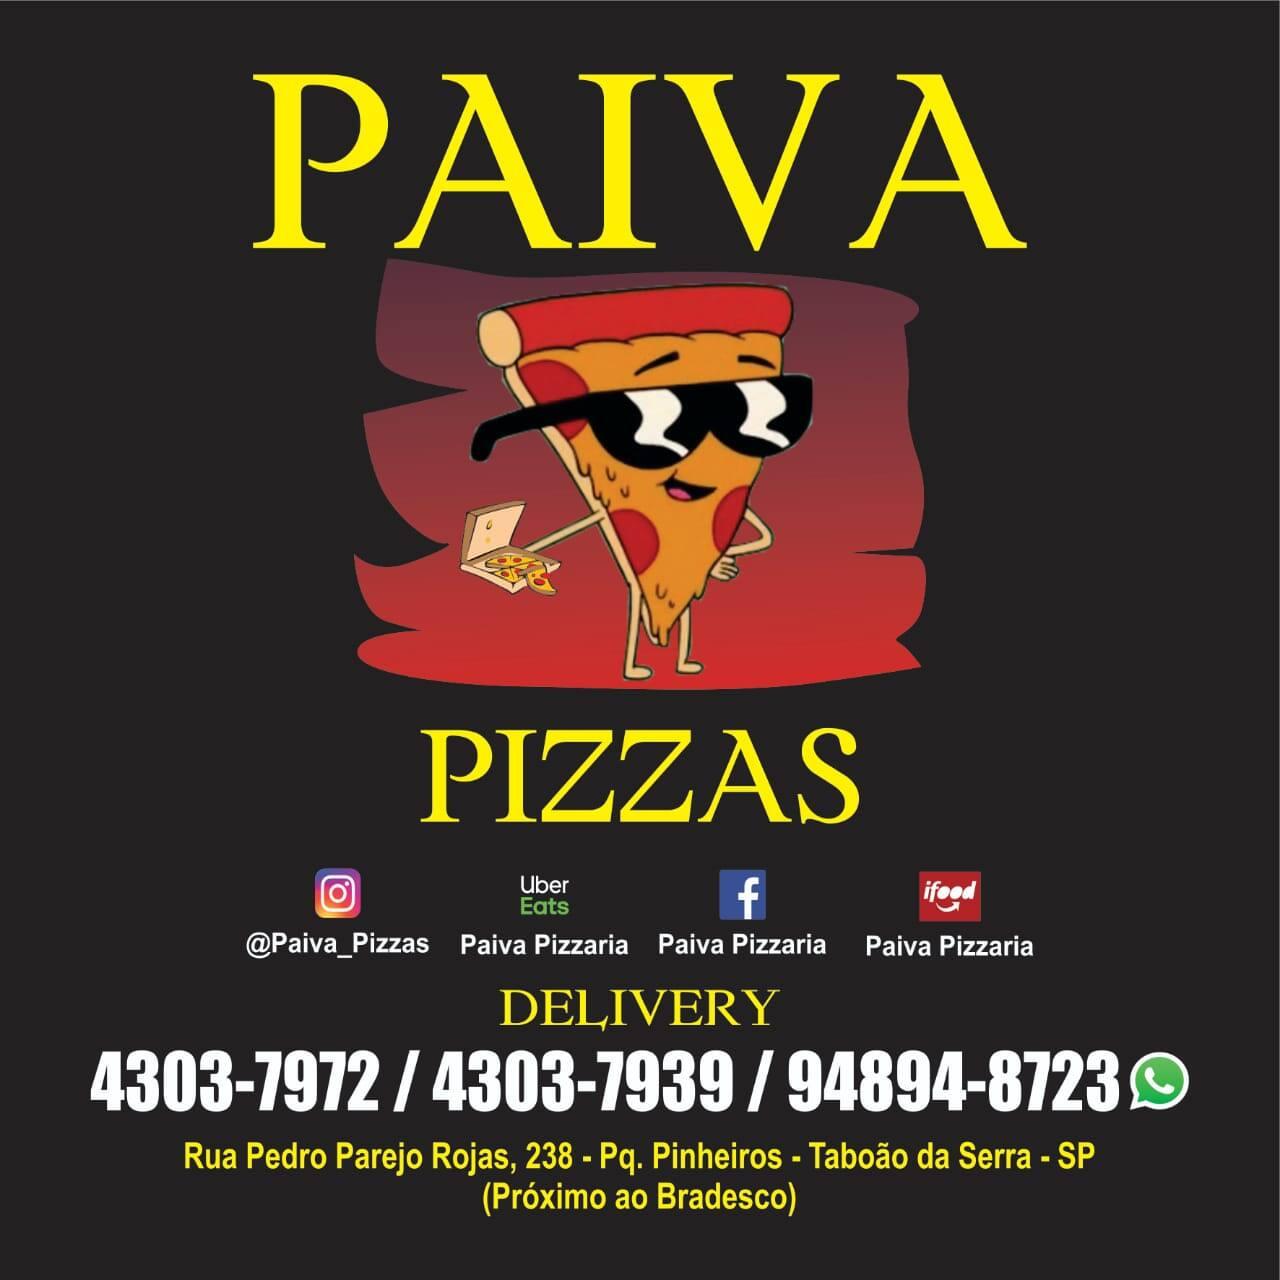 Paiva Pizzaria